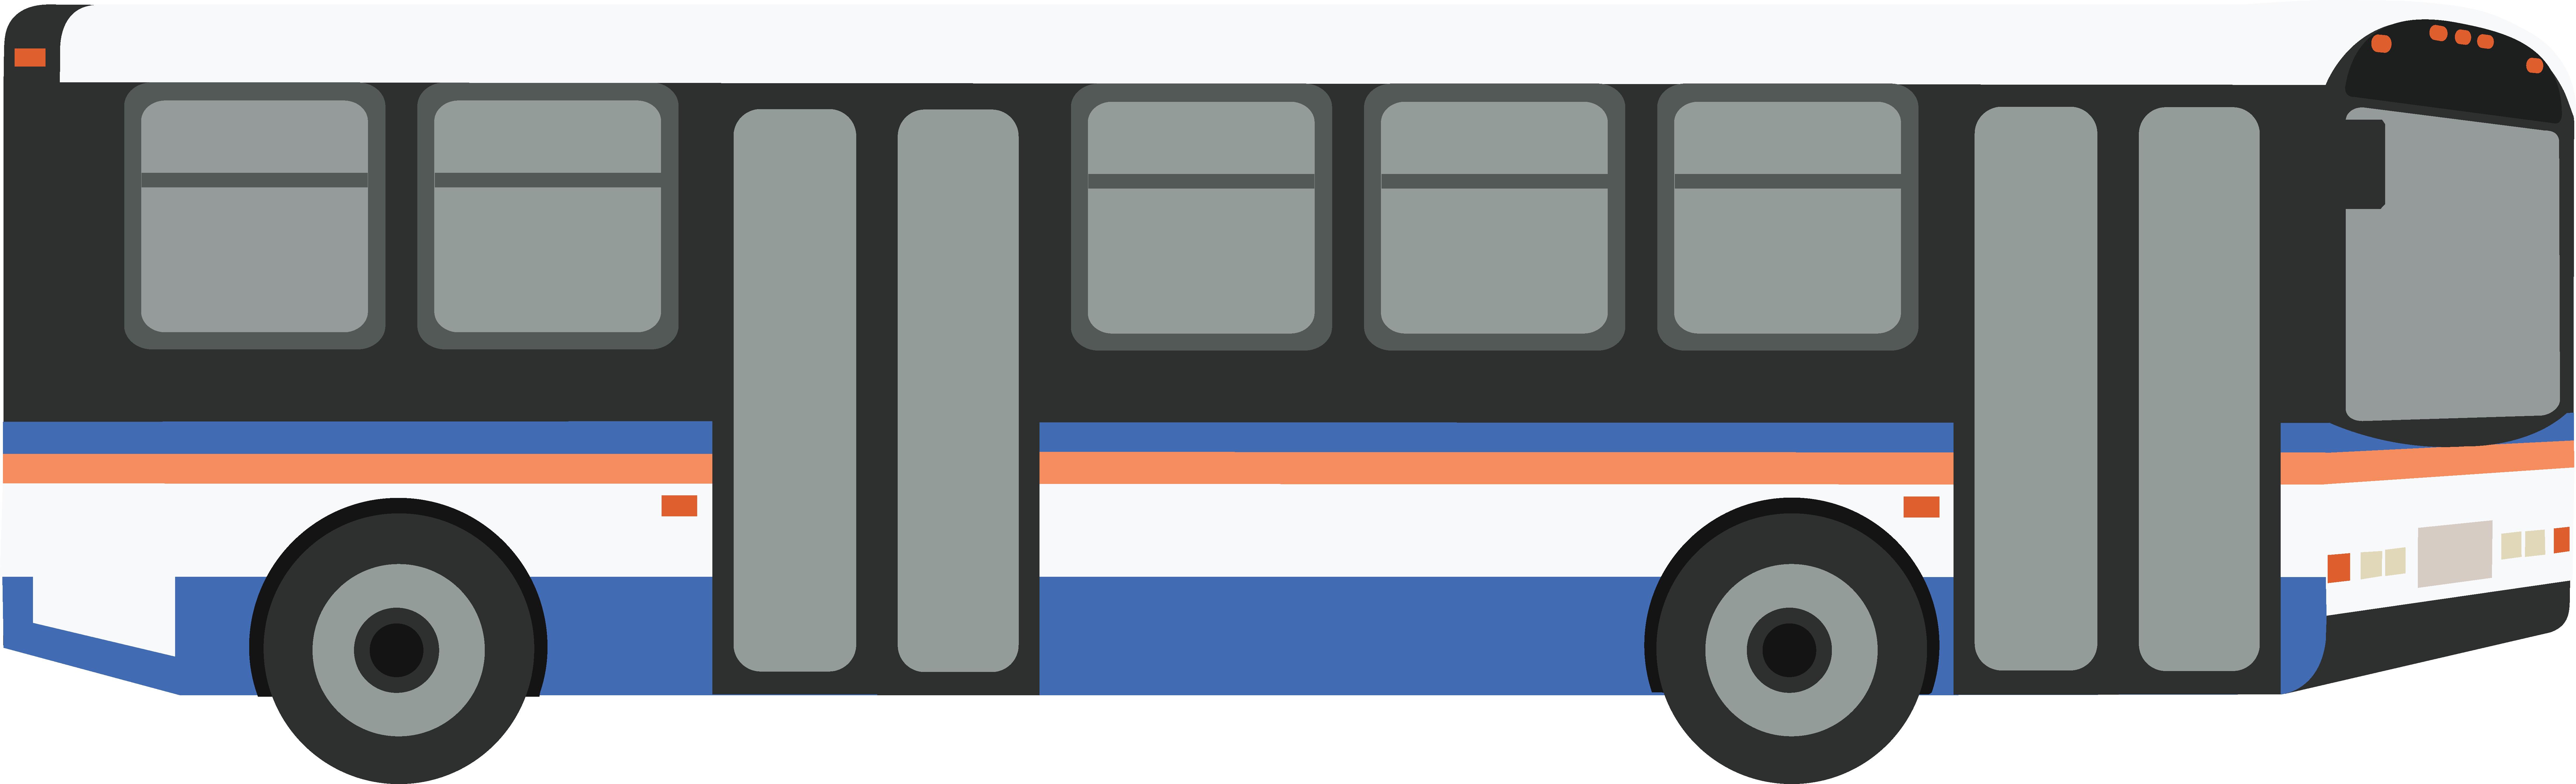 Clipart public transport.